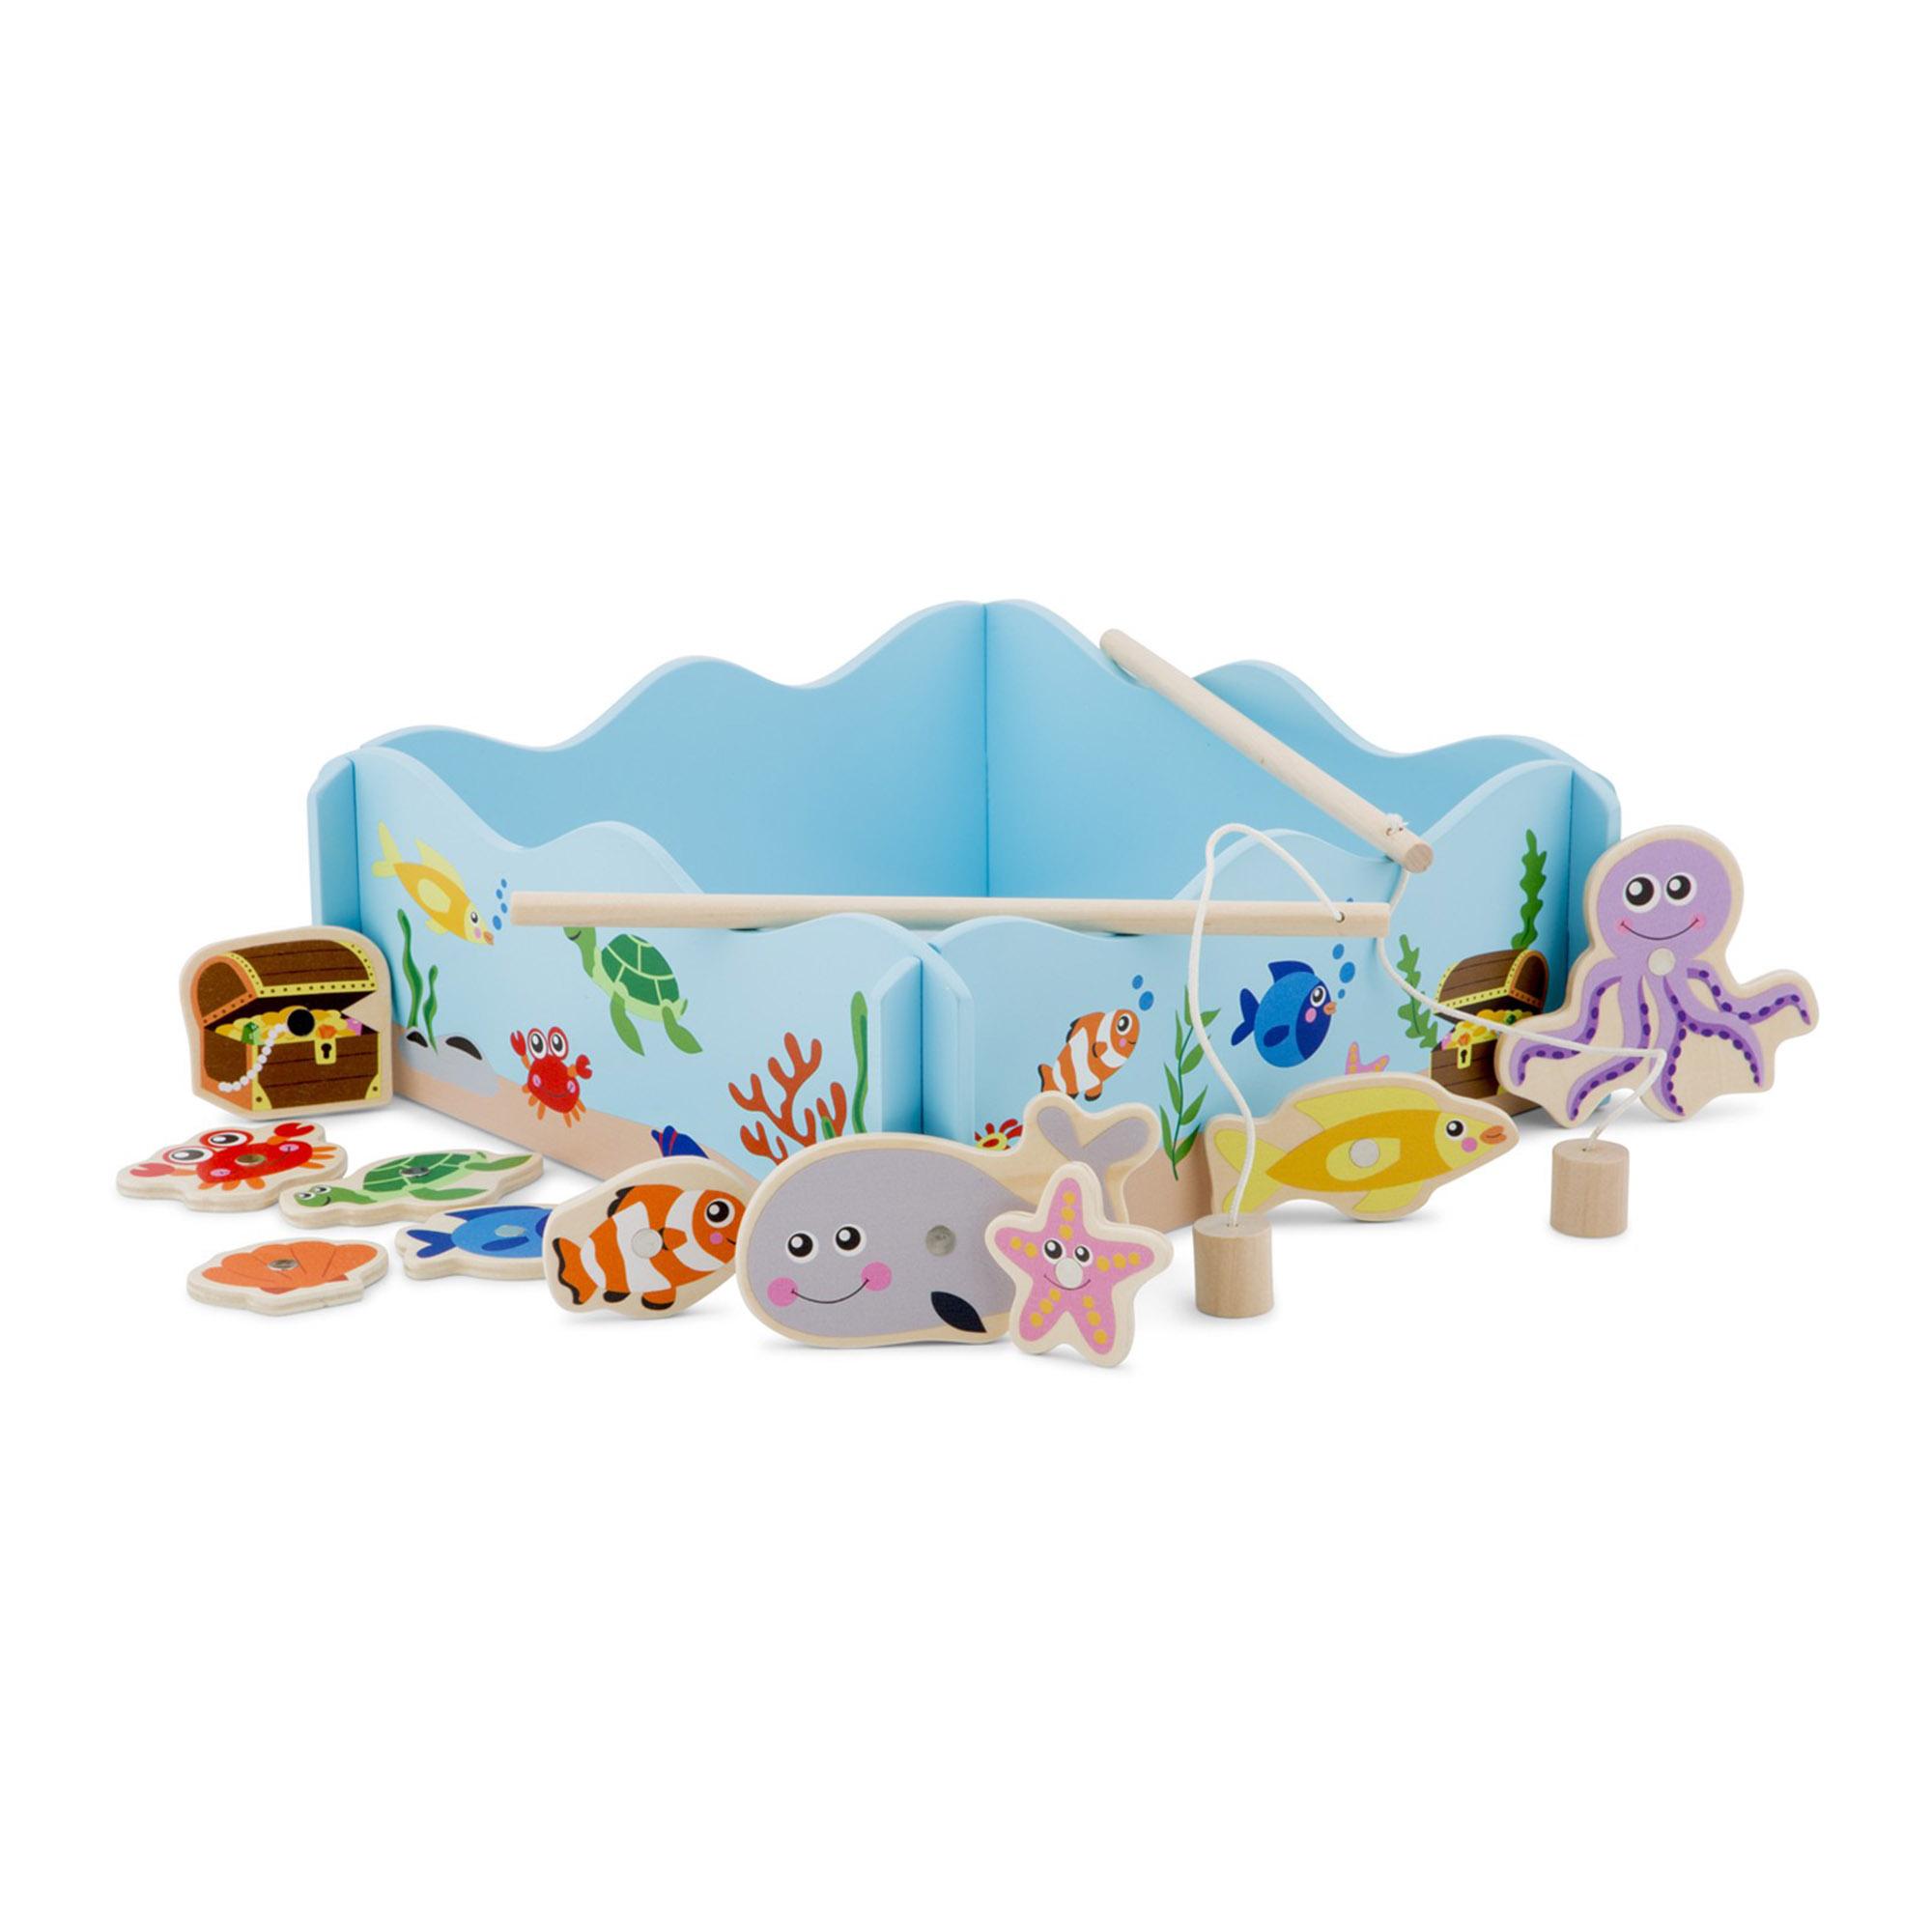 Игровой набор New Classic Toys Рыбалка